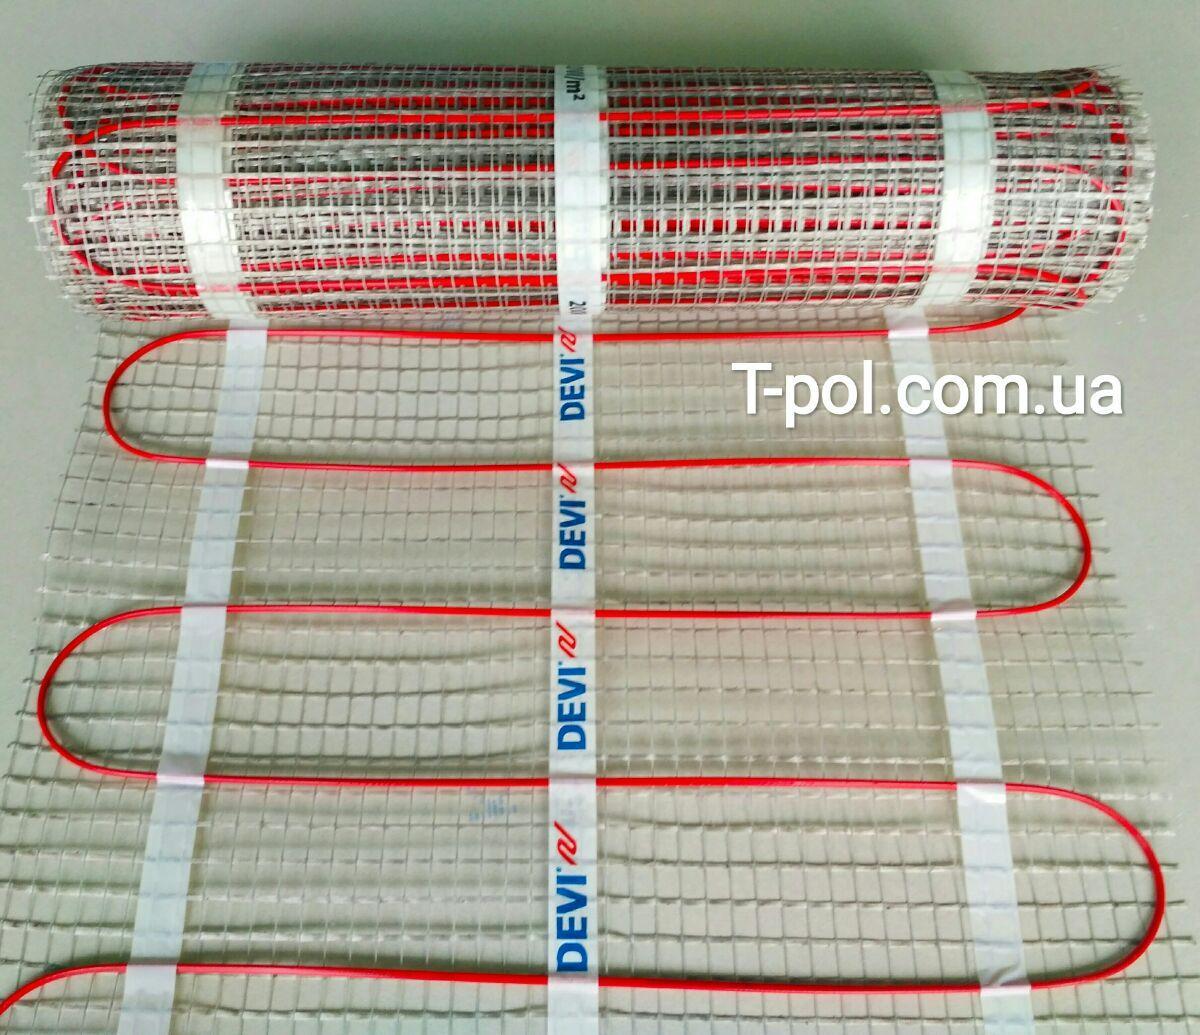 Теплый пол Devi нагревательный мат devicomfort dtir-150t на 12 м2